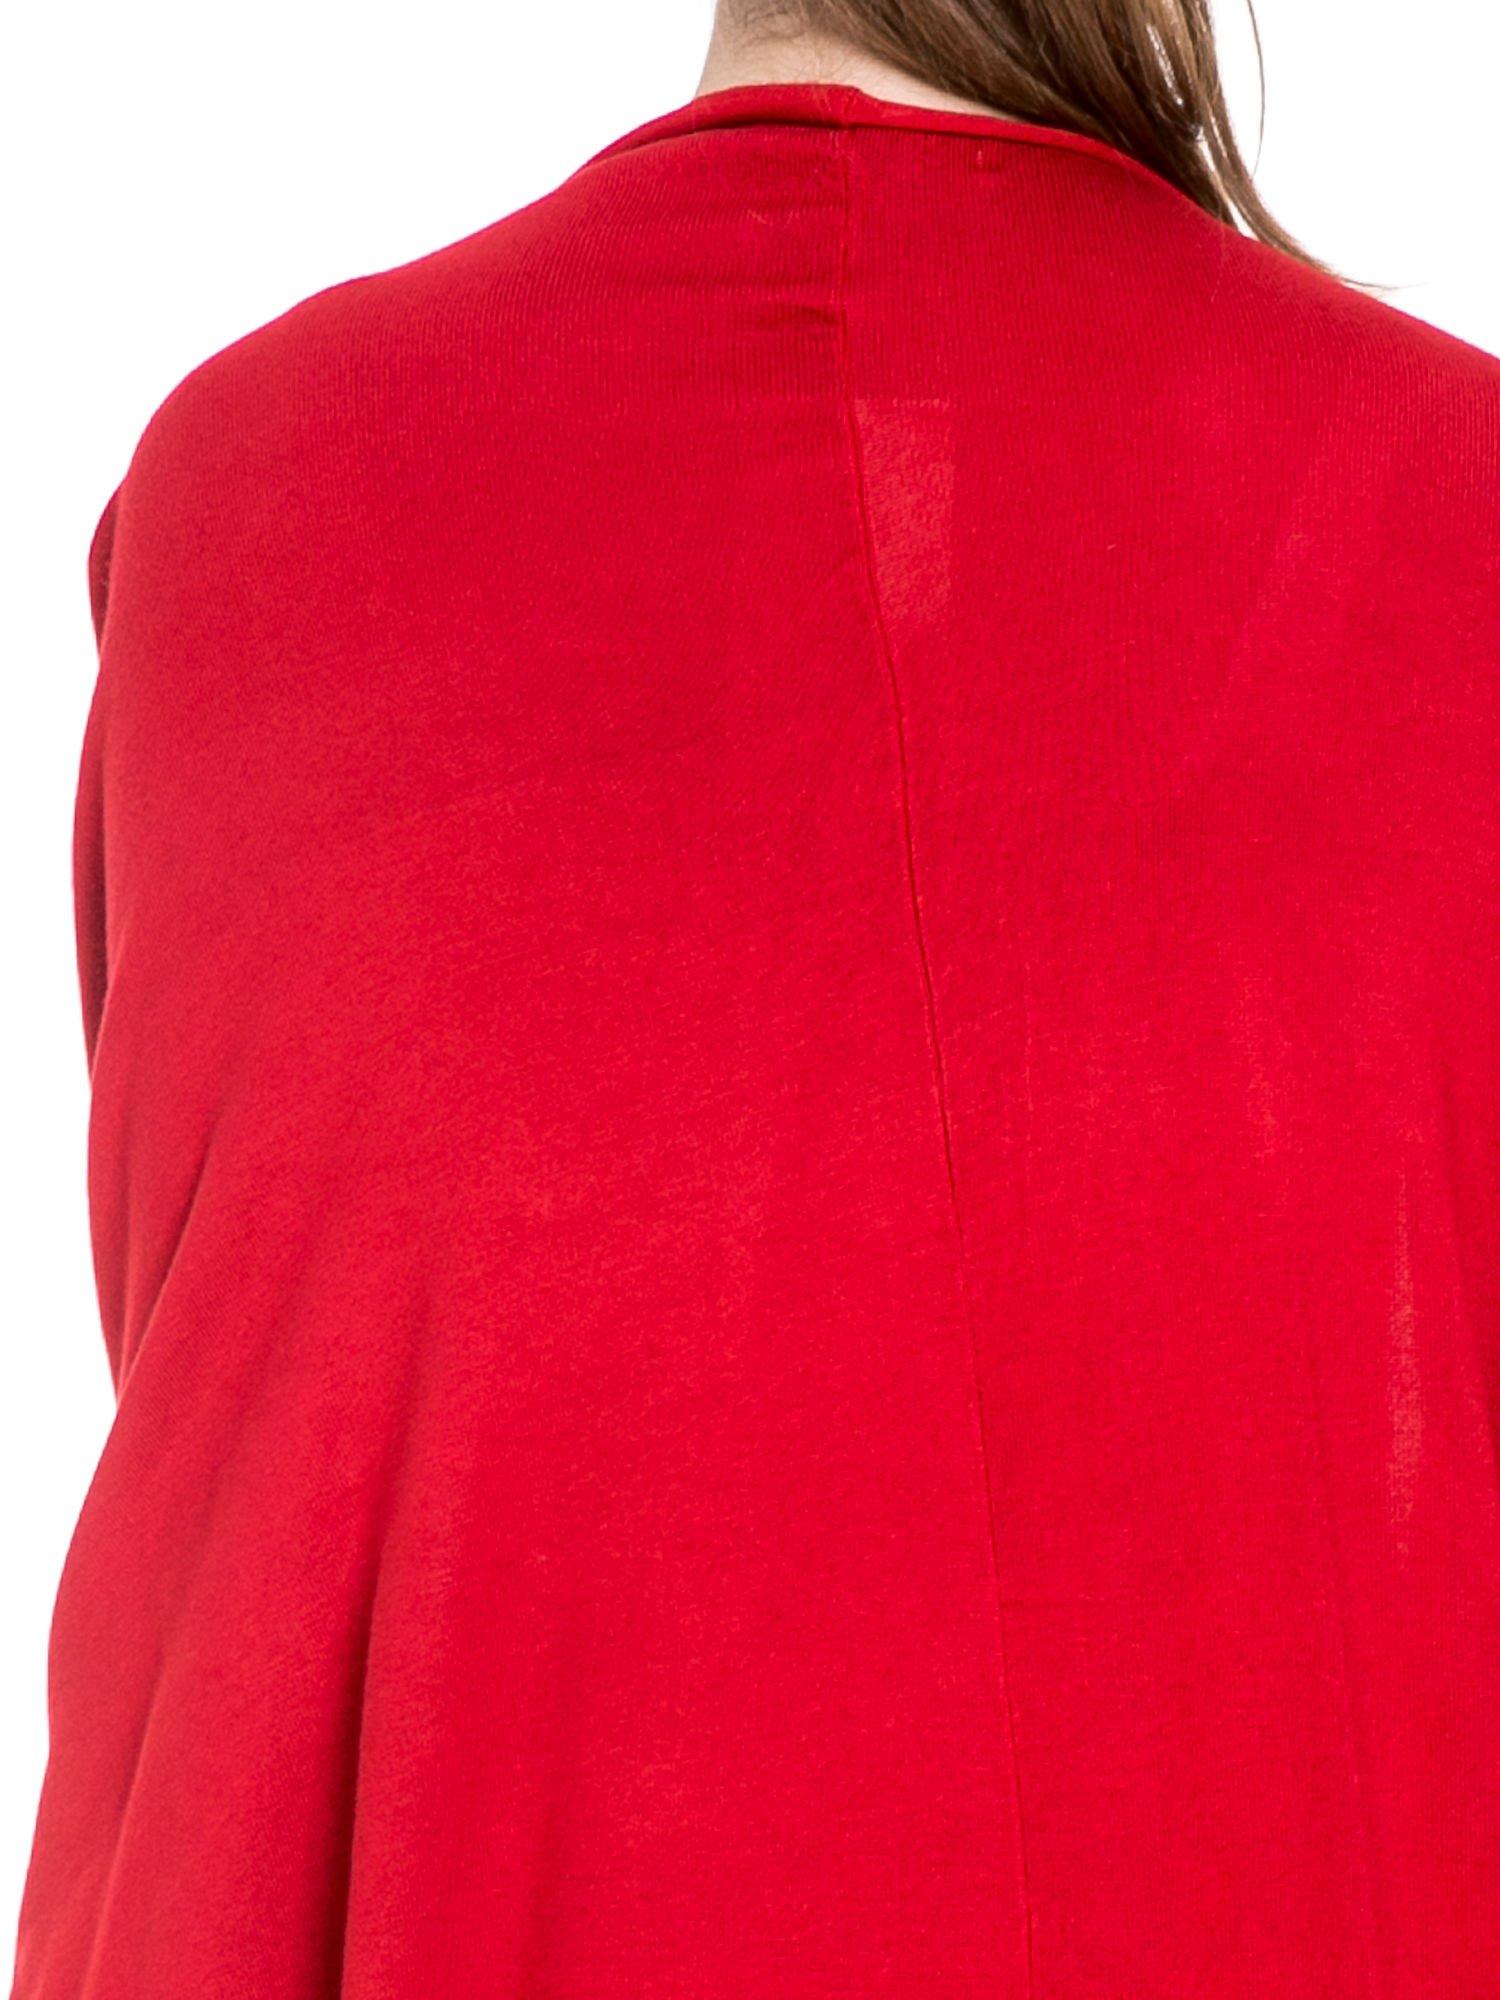 Czerwony sweter narzutka z nietoperzowymi rękawami                                  zdj.                                  5